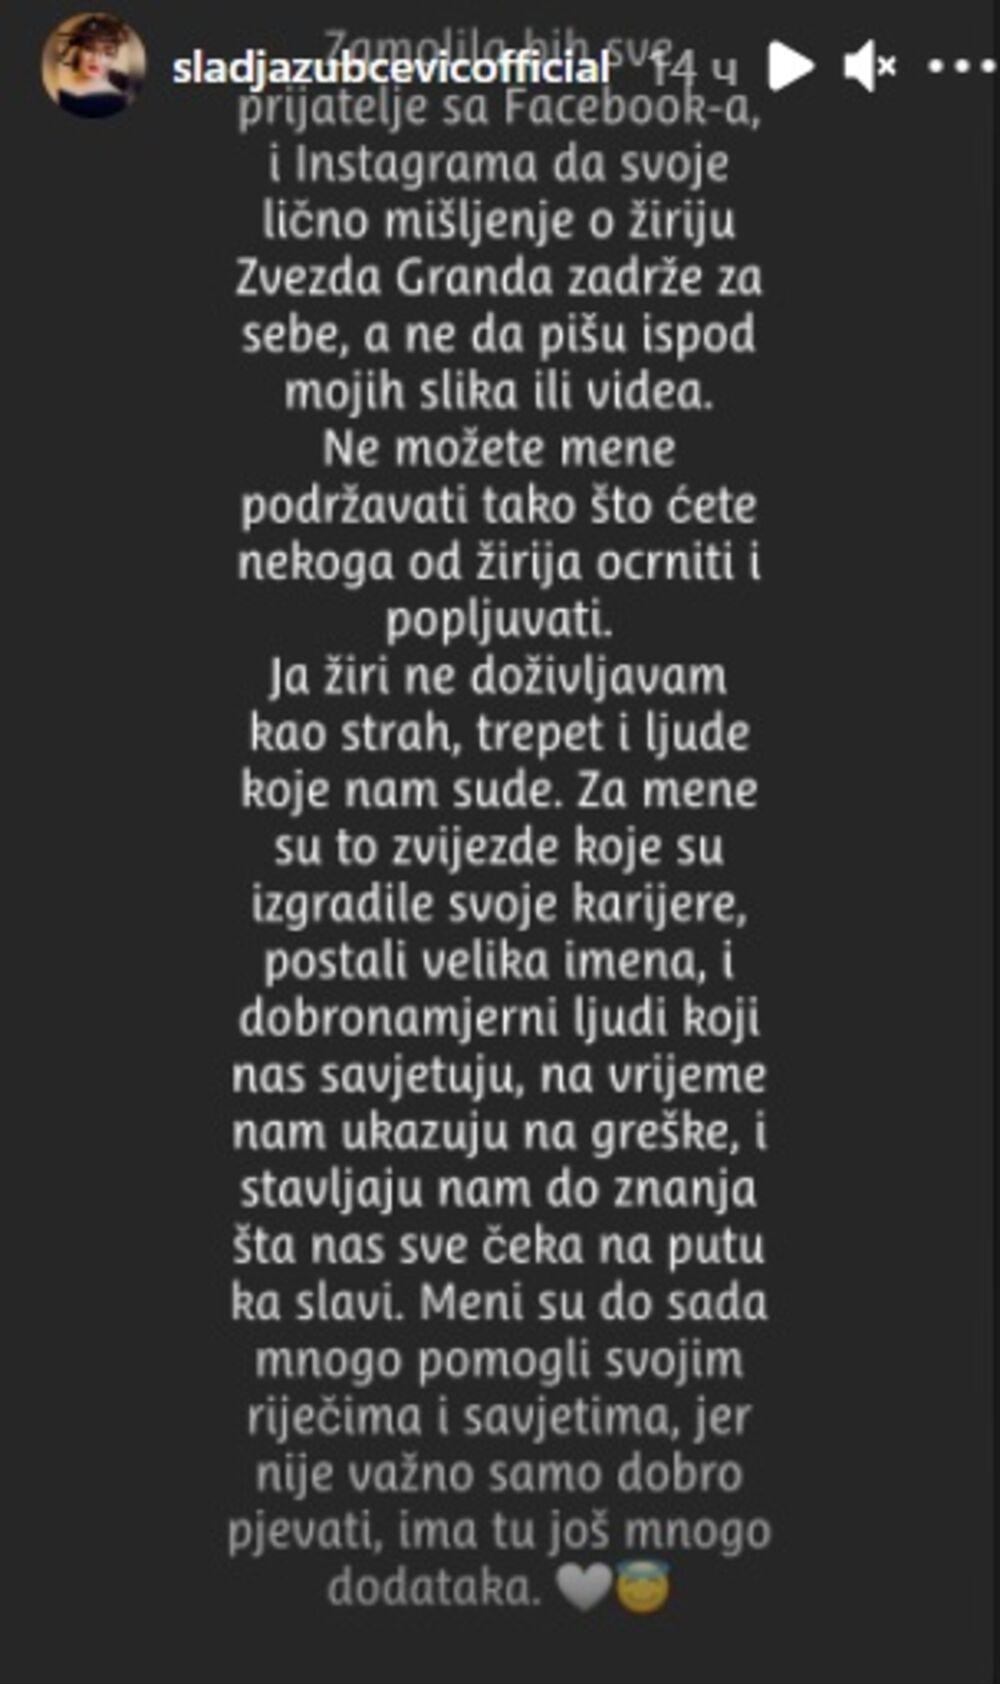 zabava, estrada, zvezde granda, Slađa Zubčević